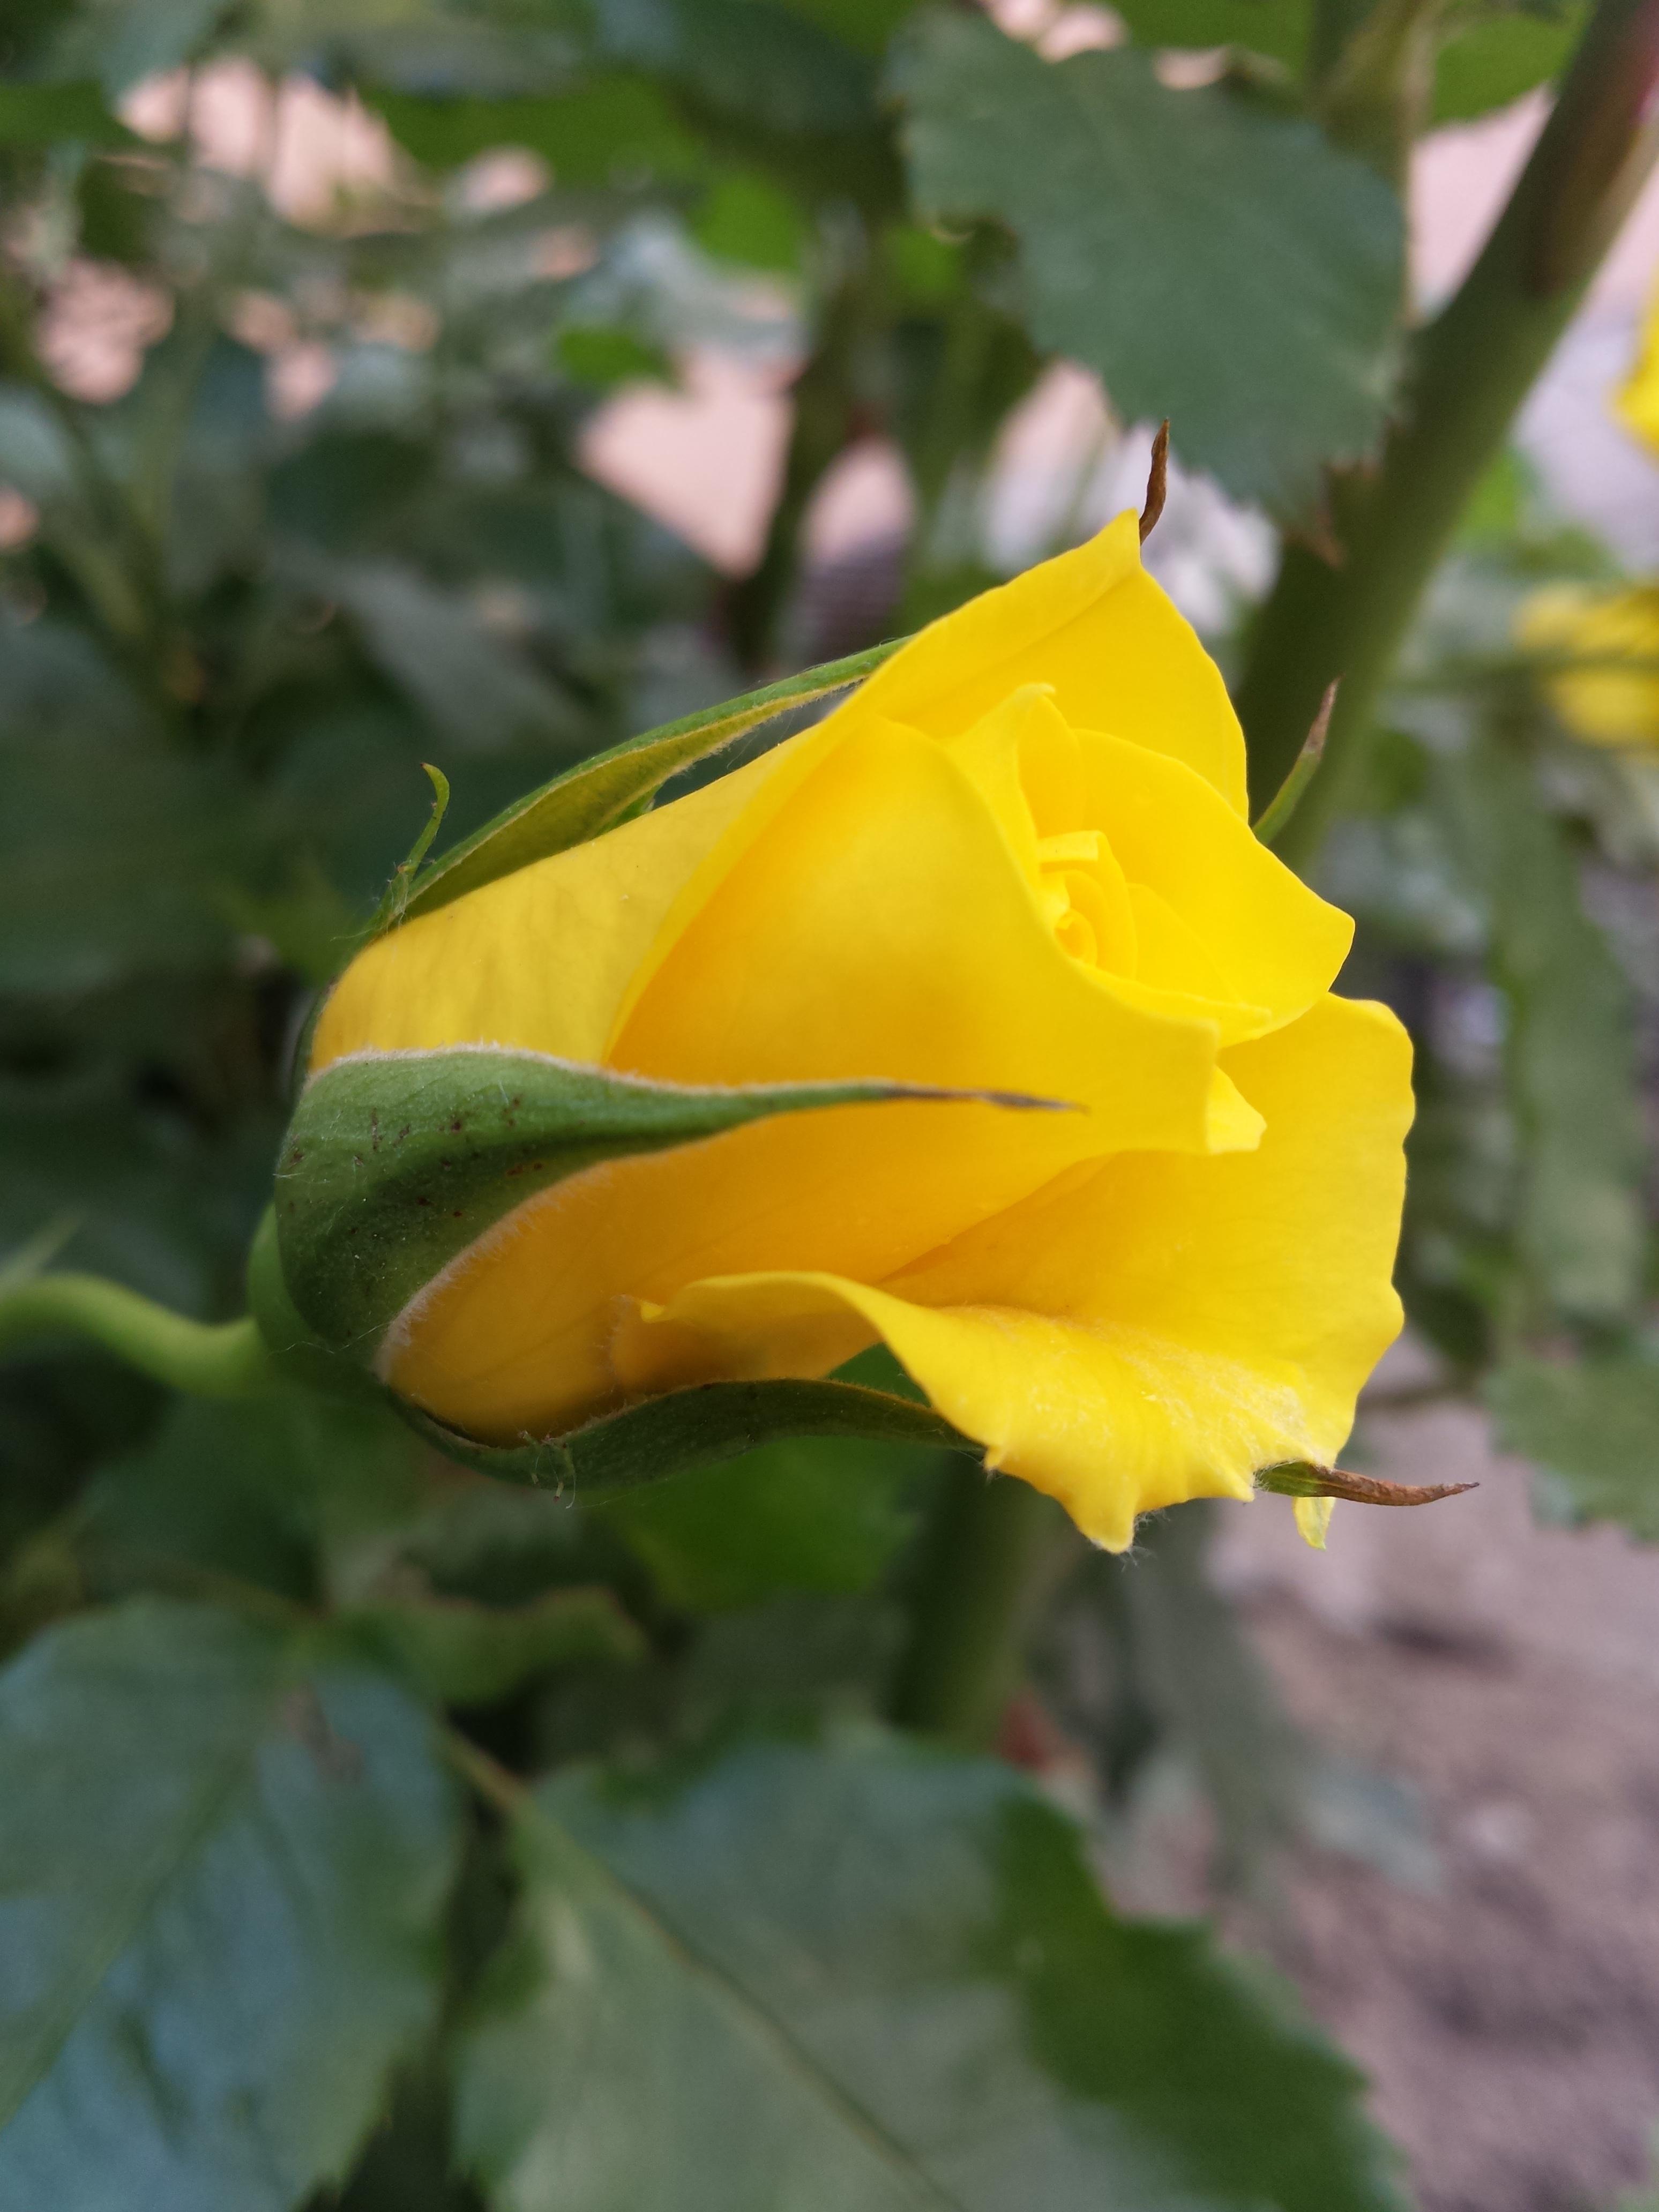 menanam daun bunga daun bunga mawar botani kuning Flora bunga liar fotografi makro tanaman berbunga keluarga